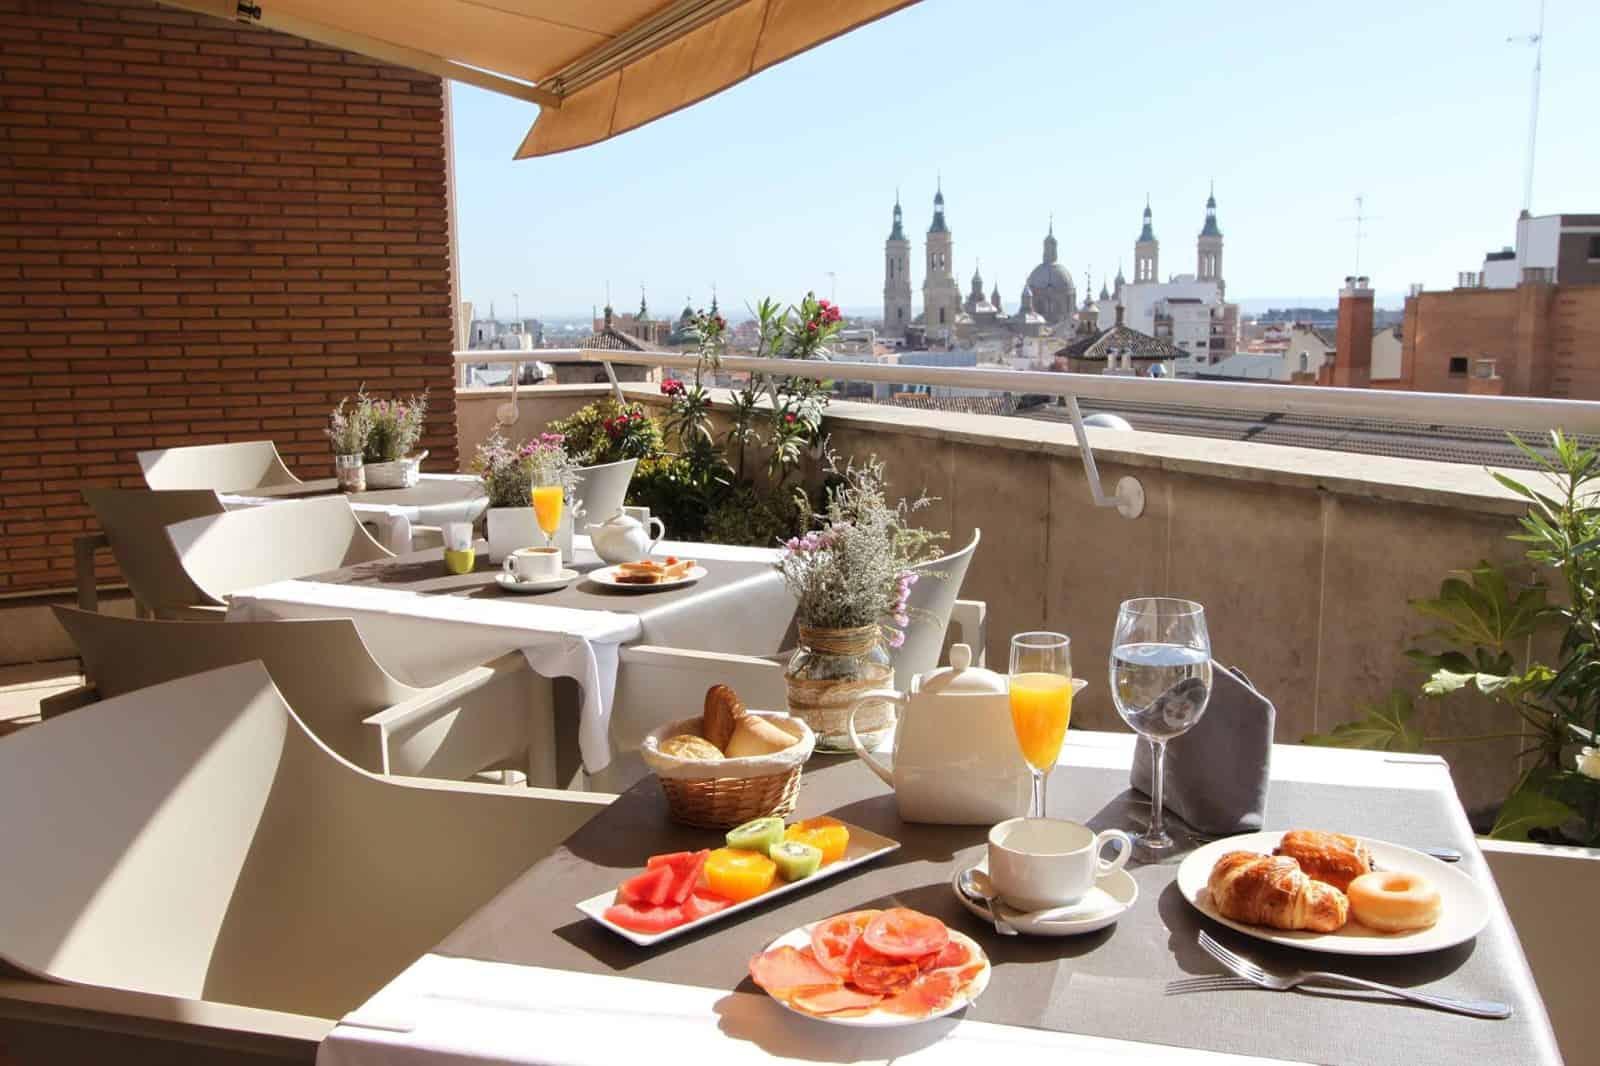 Duerme en Zaragoza a un precio excepcional y esquía en Huesca